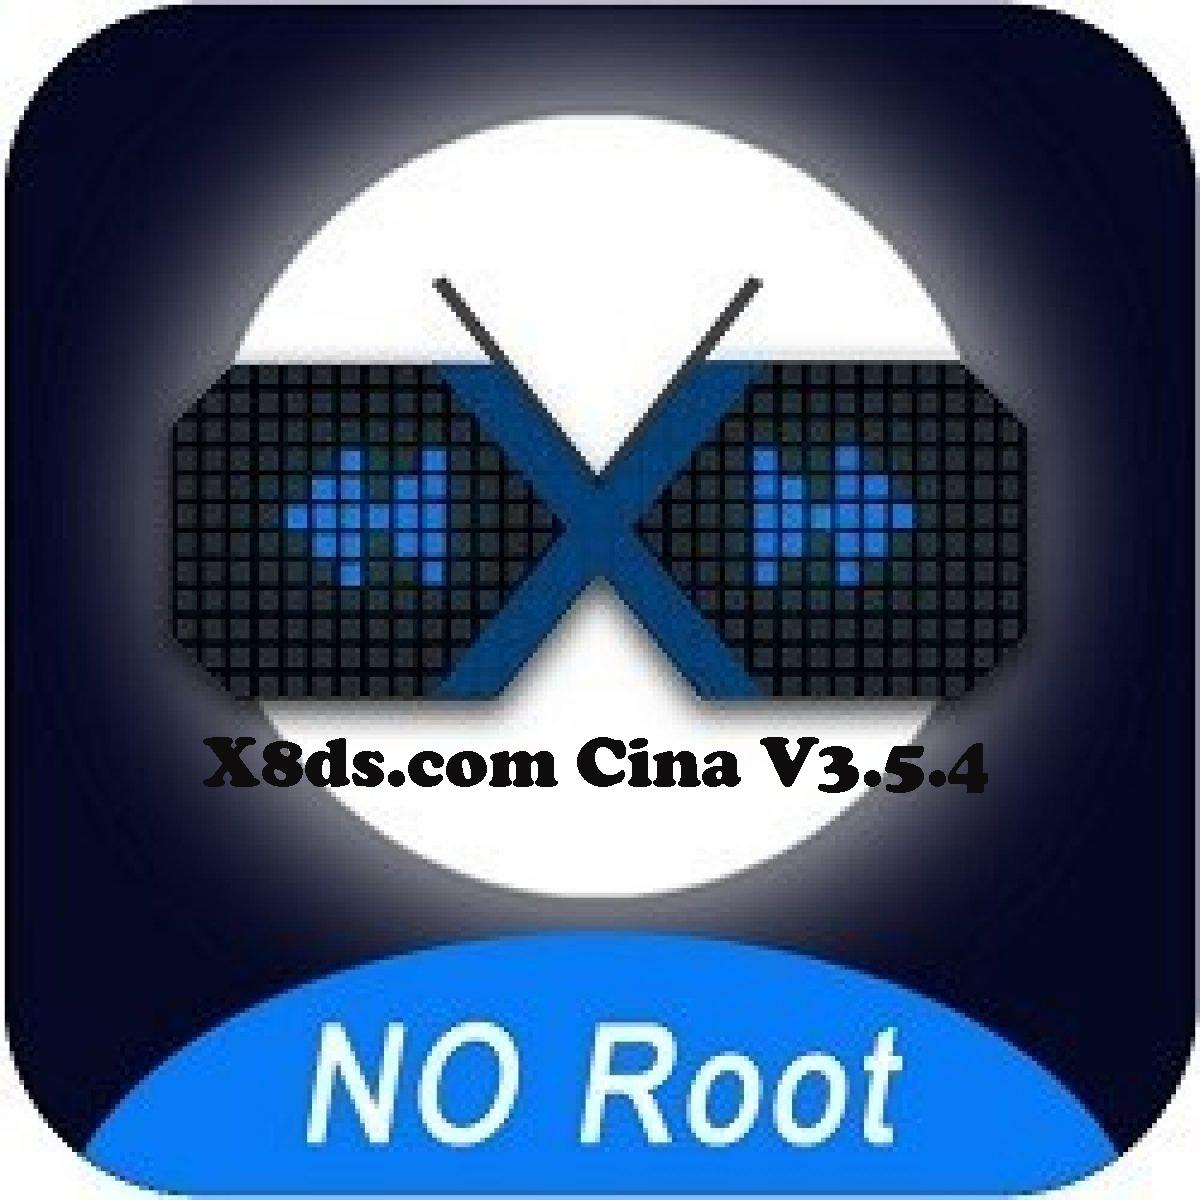 X8ds.com Cina V3.5.4